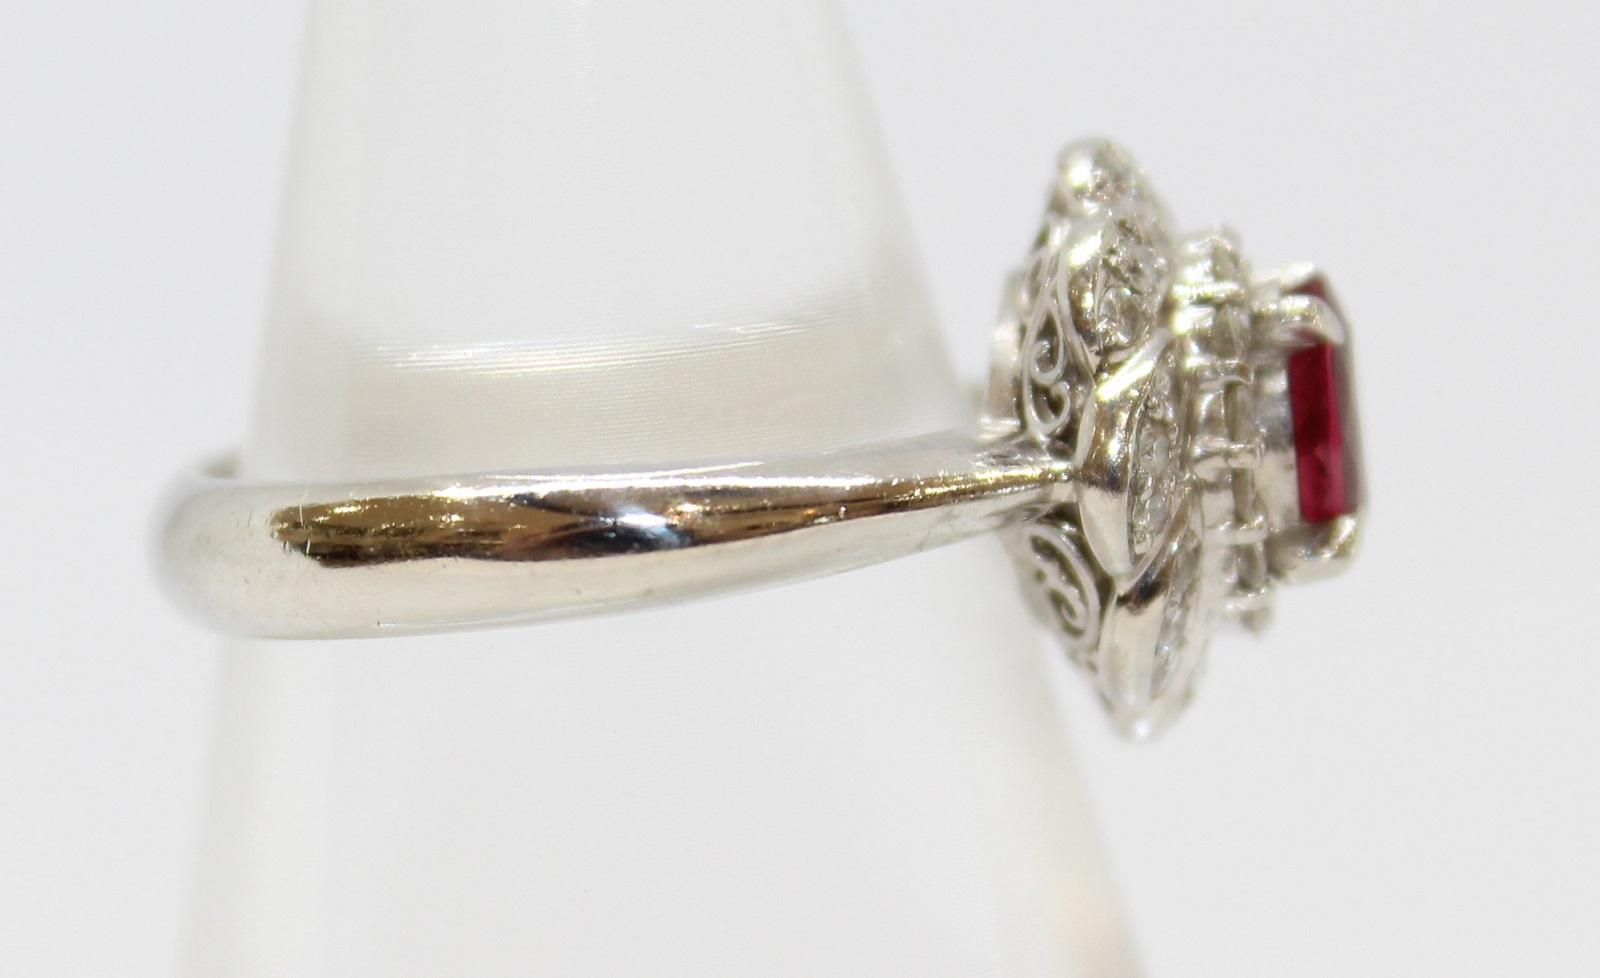 フラワーリングルビー0 72ctダイヤモンド0 30ctPt900 6 5g 10 5号フラワーモチーフ カワイイ美品 ギフト包装可rdWoxCBe